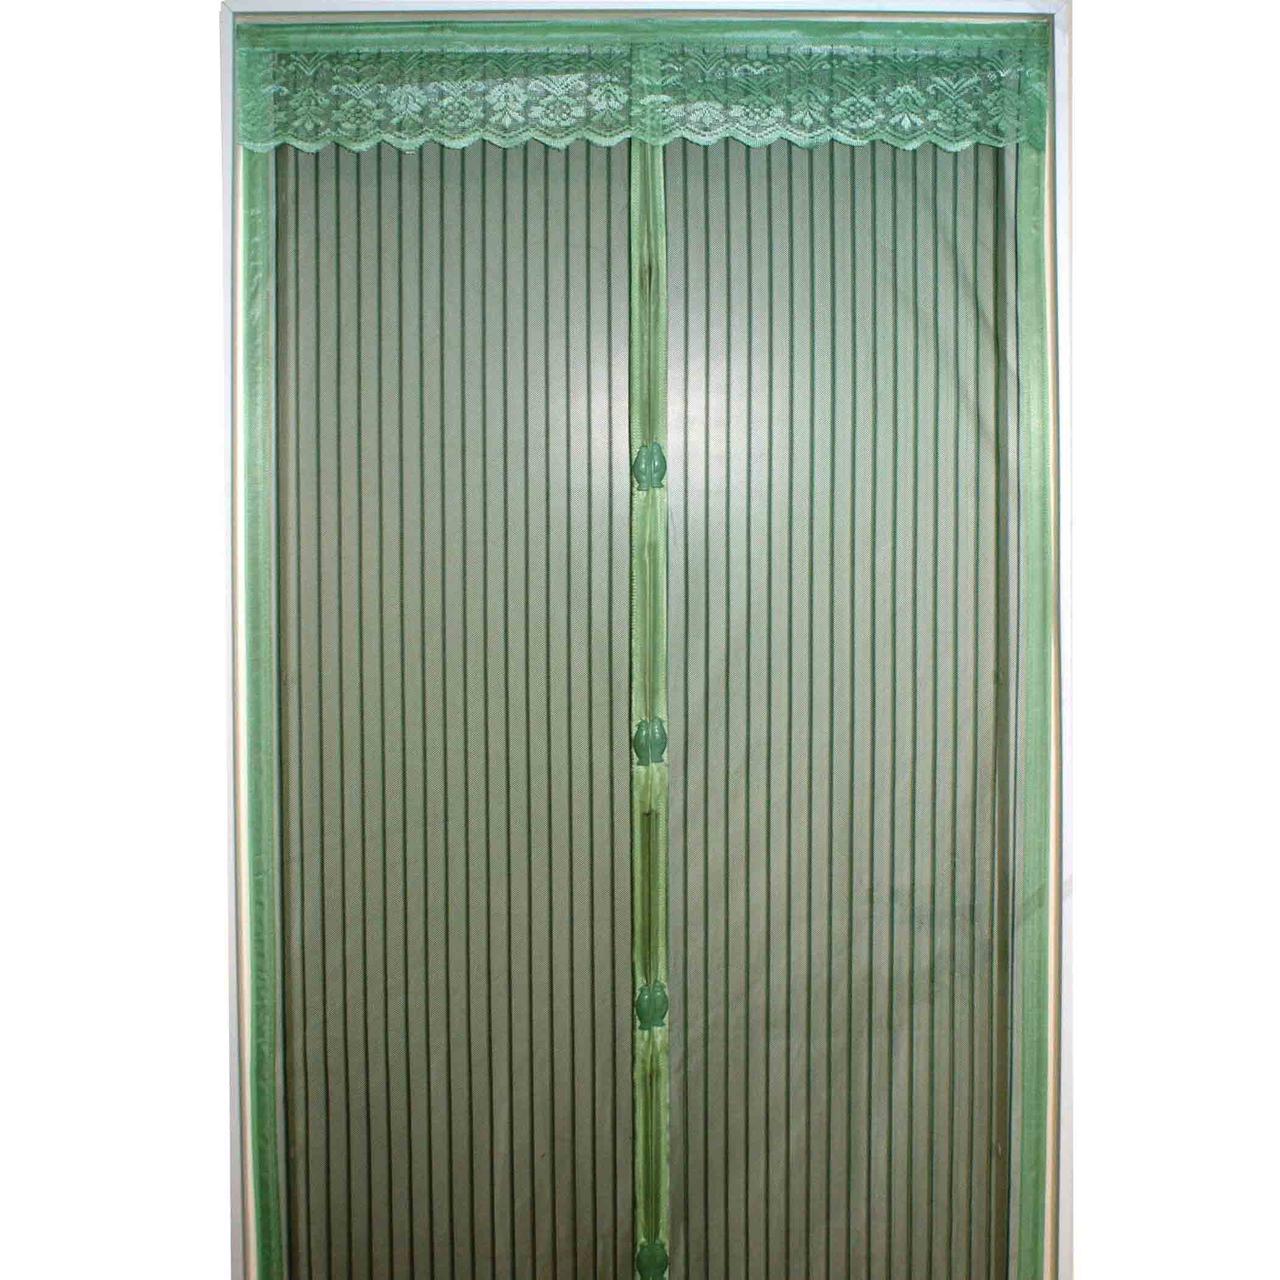 Дверная антимоскитная сетка на магнитах 100*210 см Цвет Микс (Однотонные)